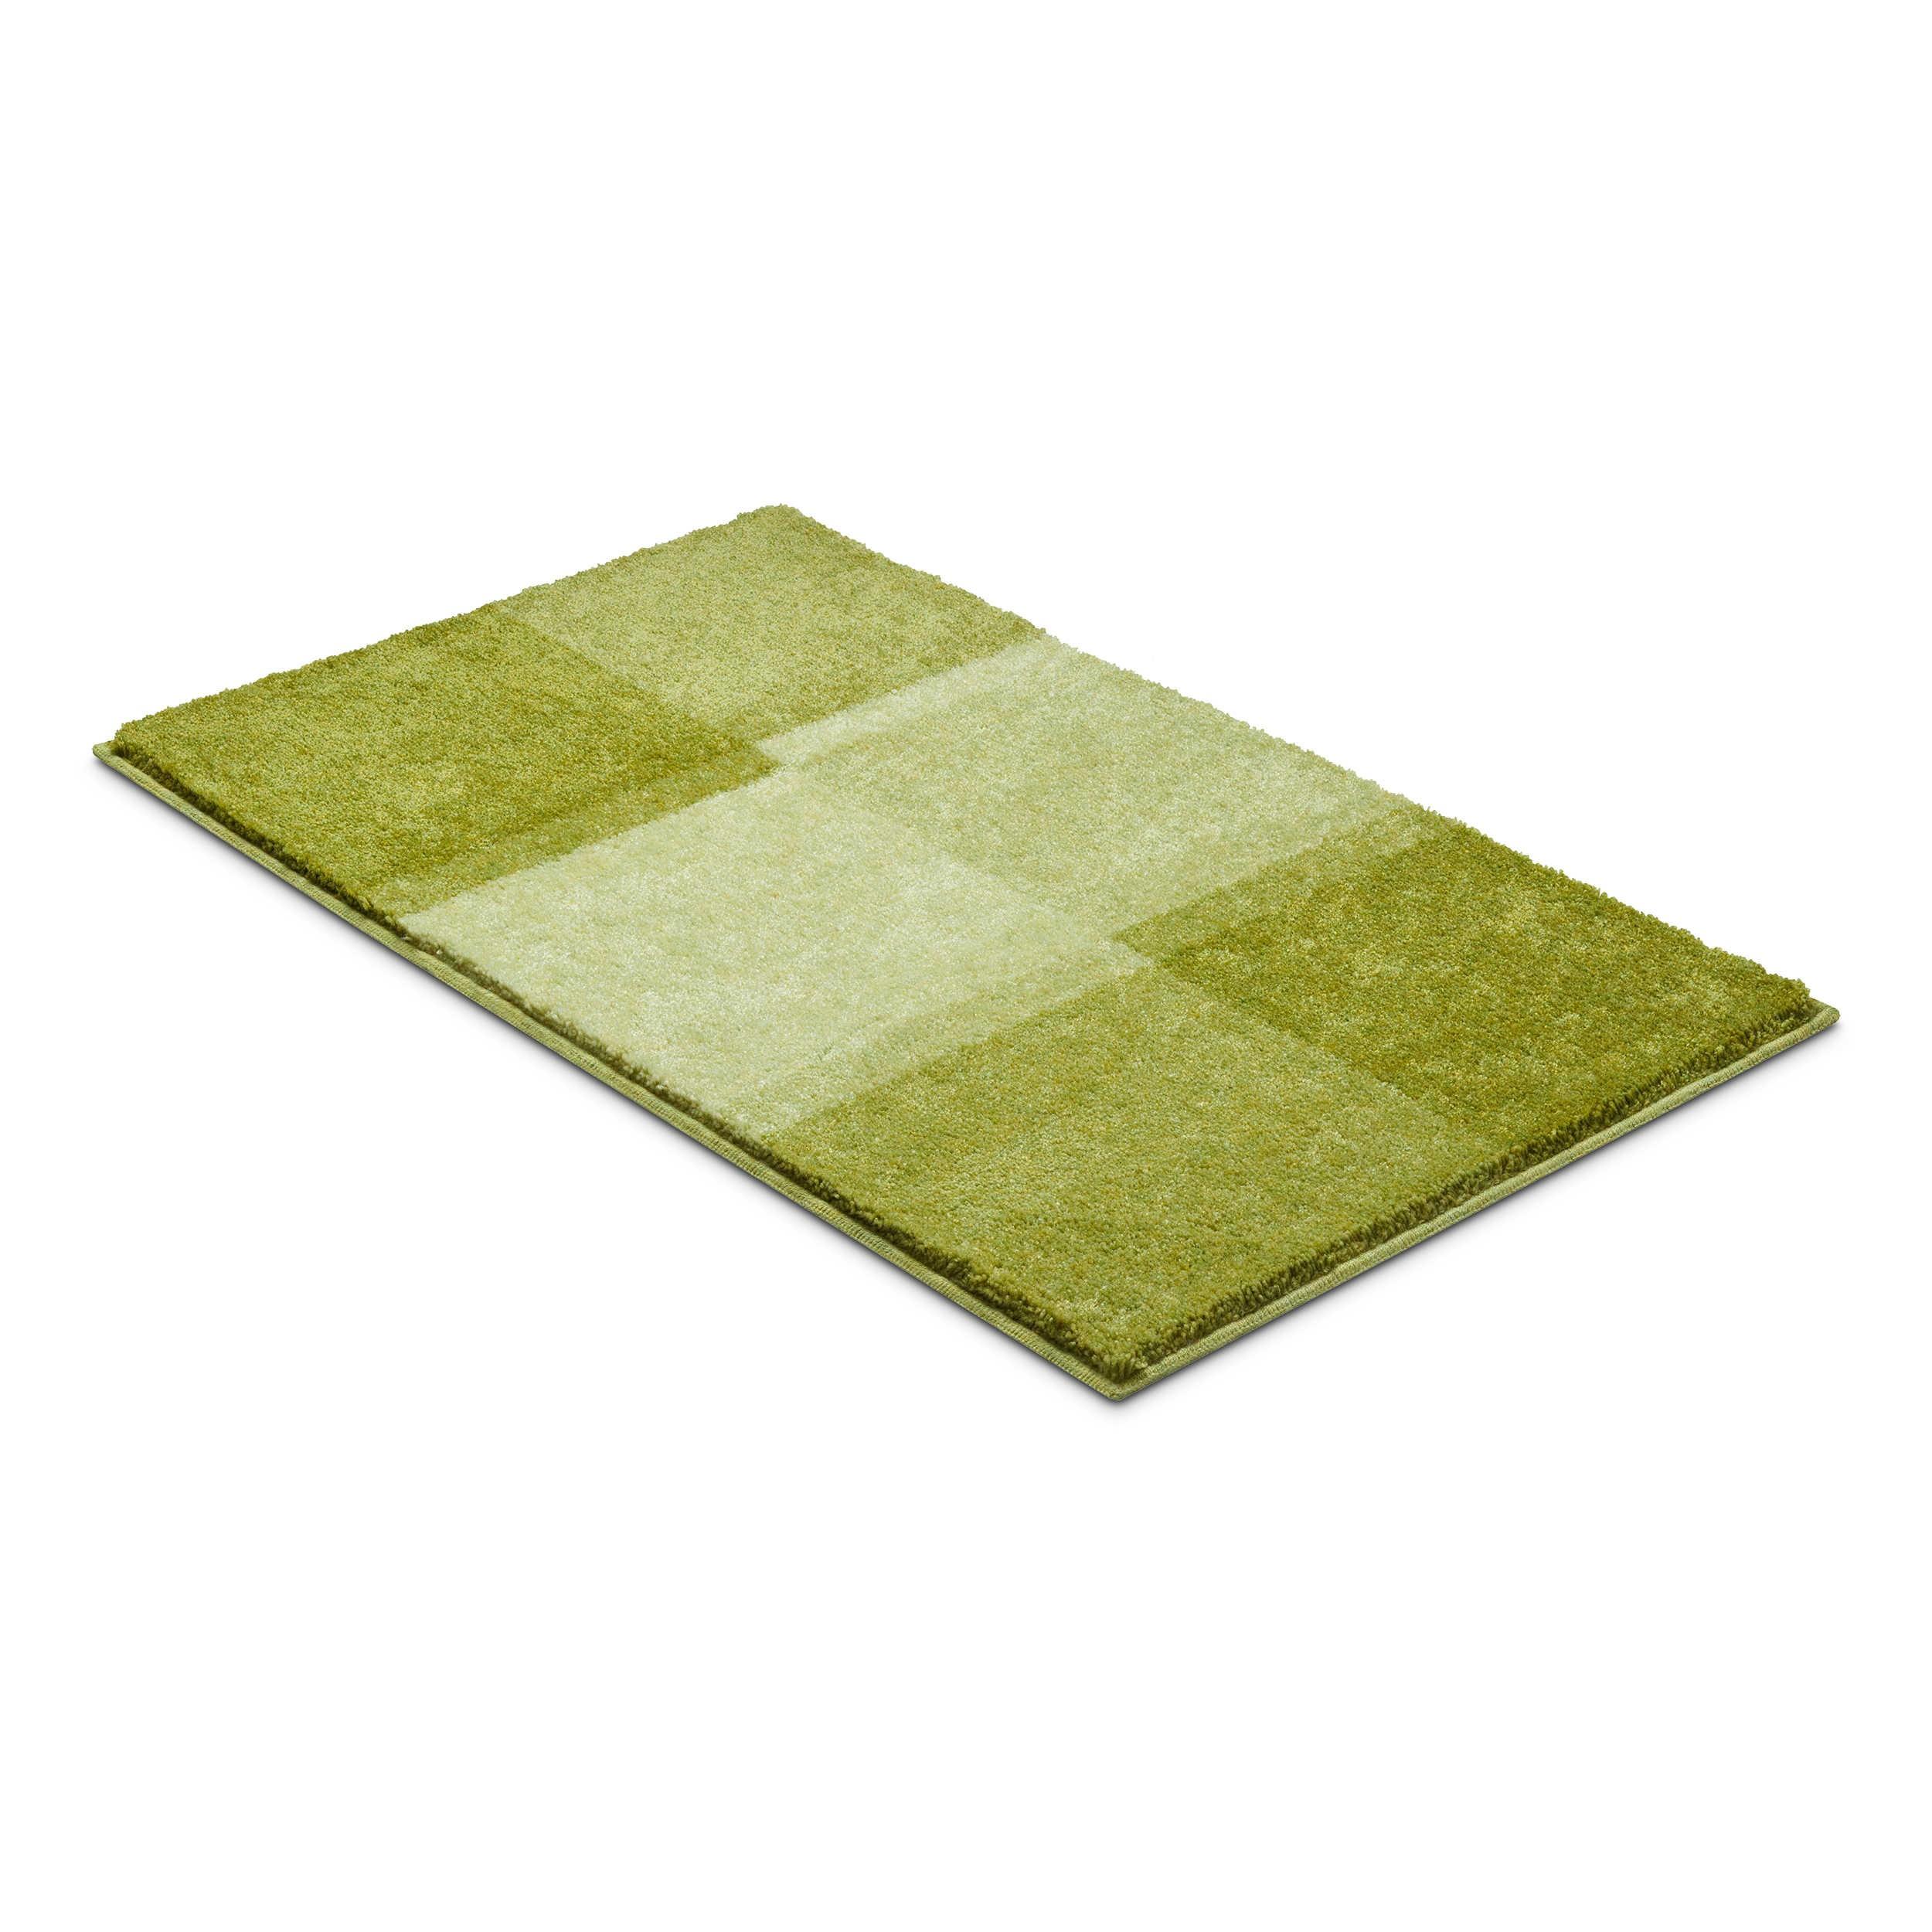 grund badteppich fantasie 60 x 100 cm gr n polyacryl 60 x 100 cm online kaufen bei woonio. Black Bedroom Furniture Sets. Home Design Ideas